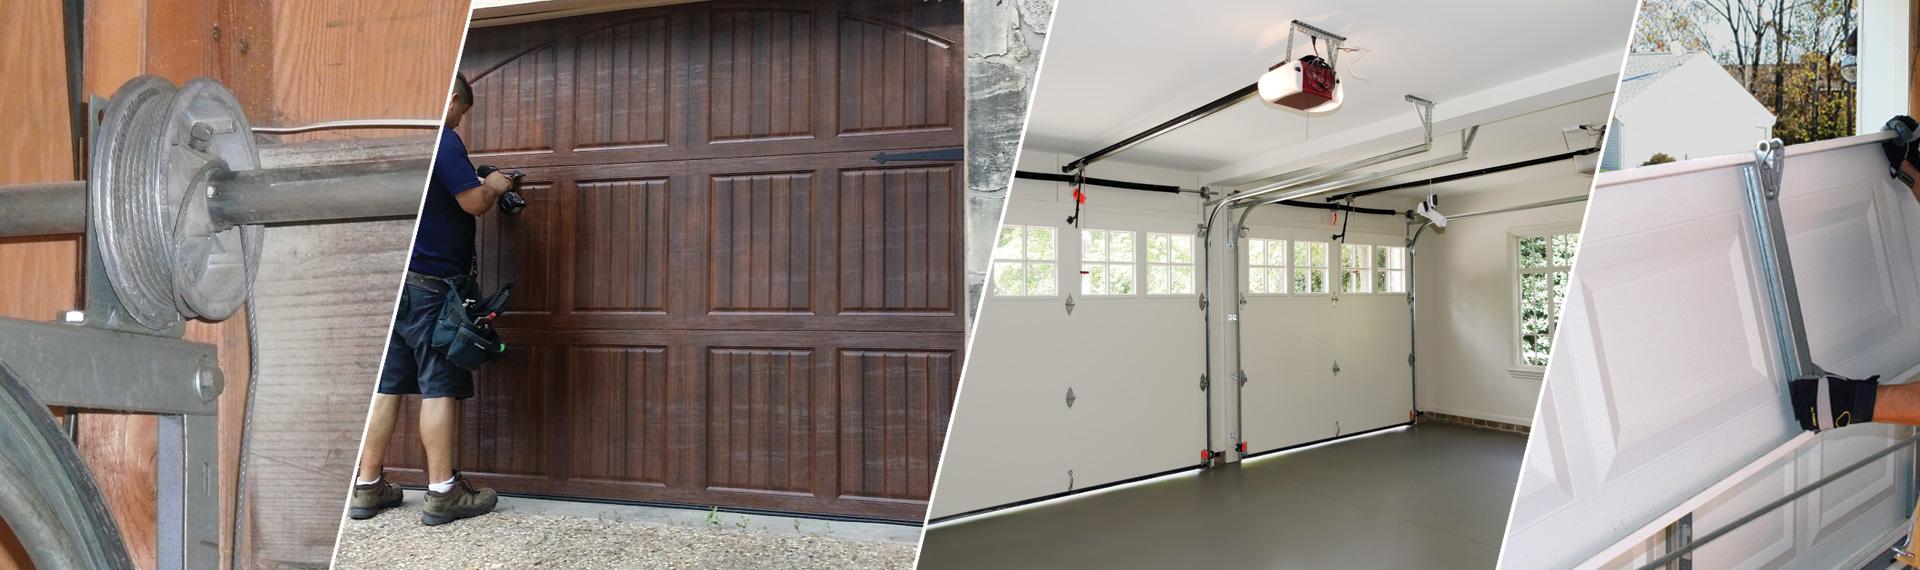 All Garage Door Services Gloucester City NJ